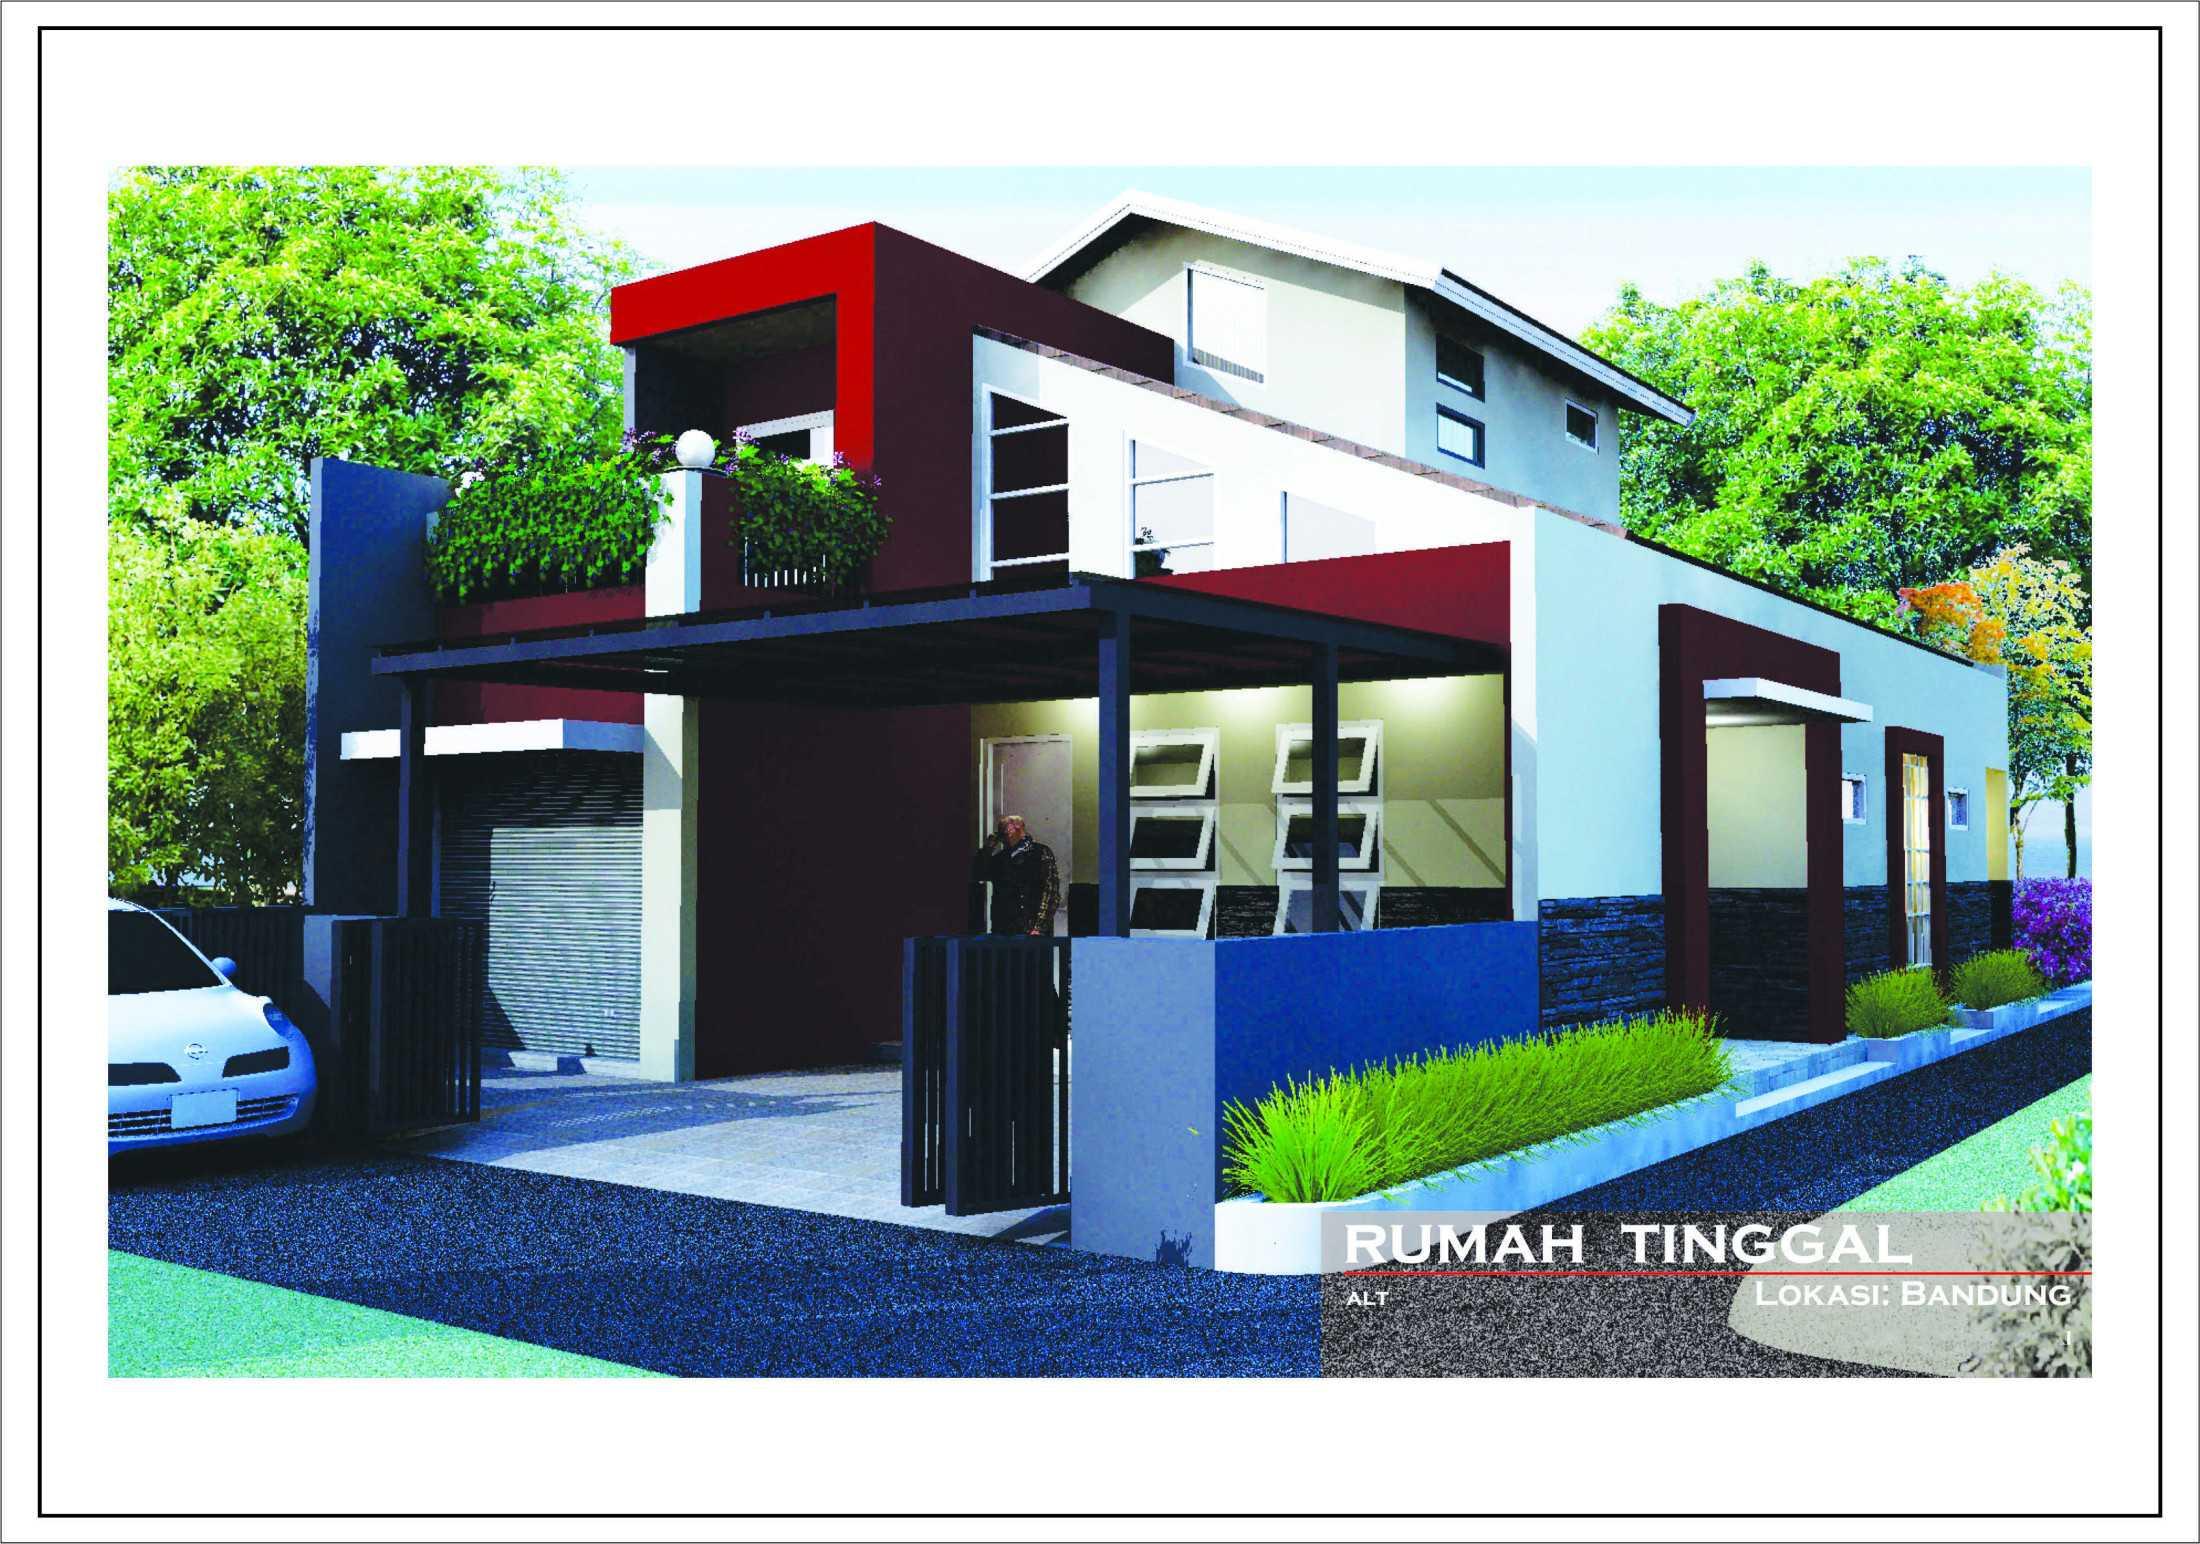 Jasa Design and Build RONI & Partners, Arjuna Nusantara KONTRATOR di Tasikmalaya